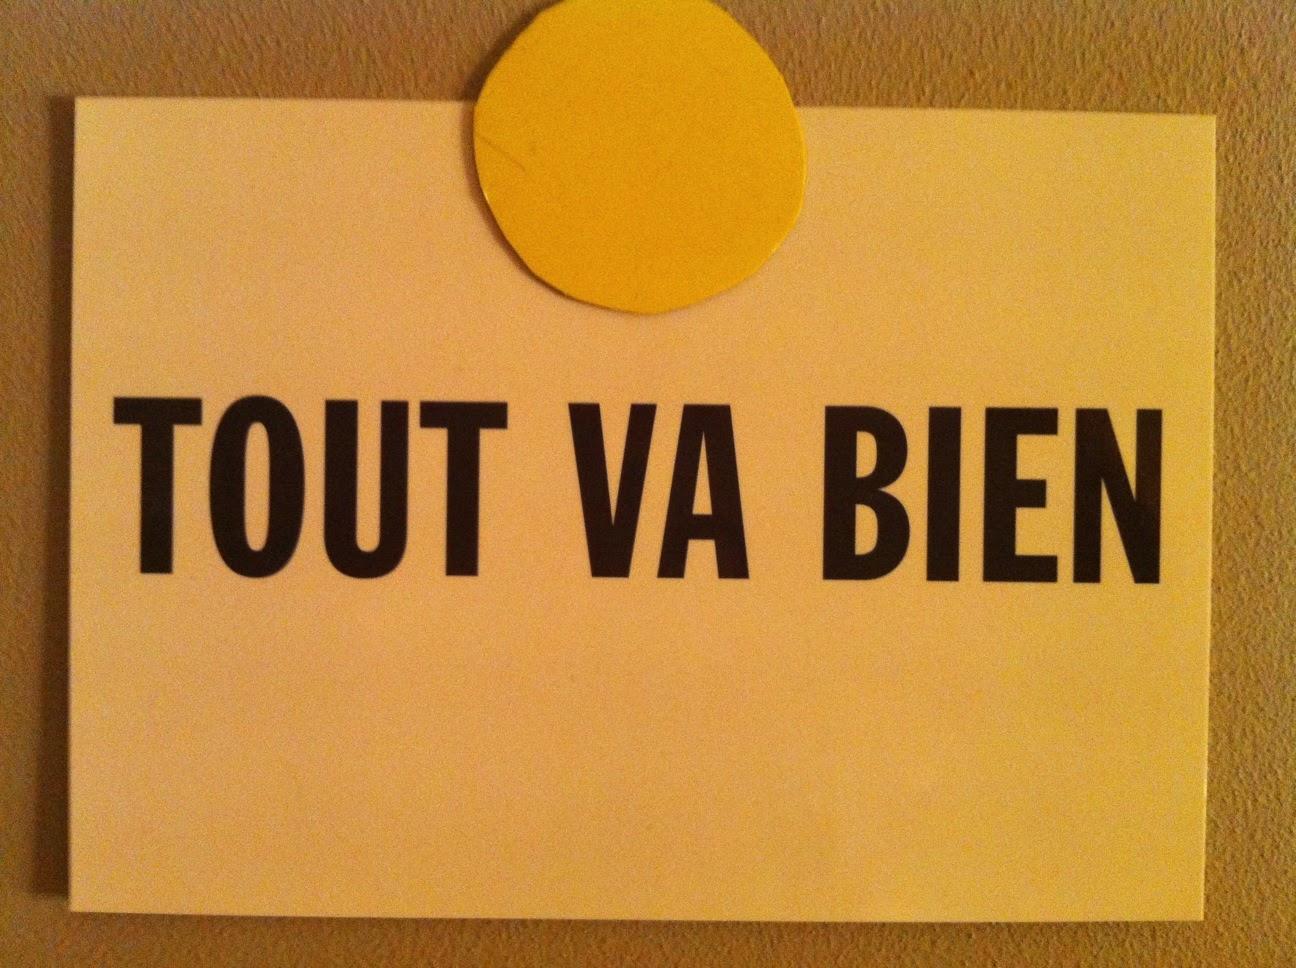 francese aggettivo pronome avverbio tout